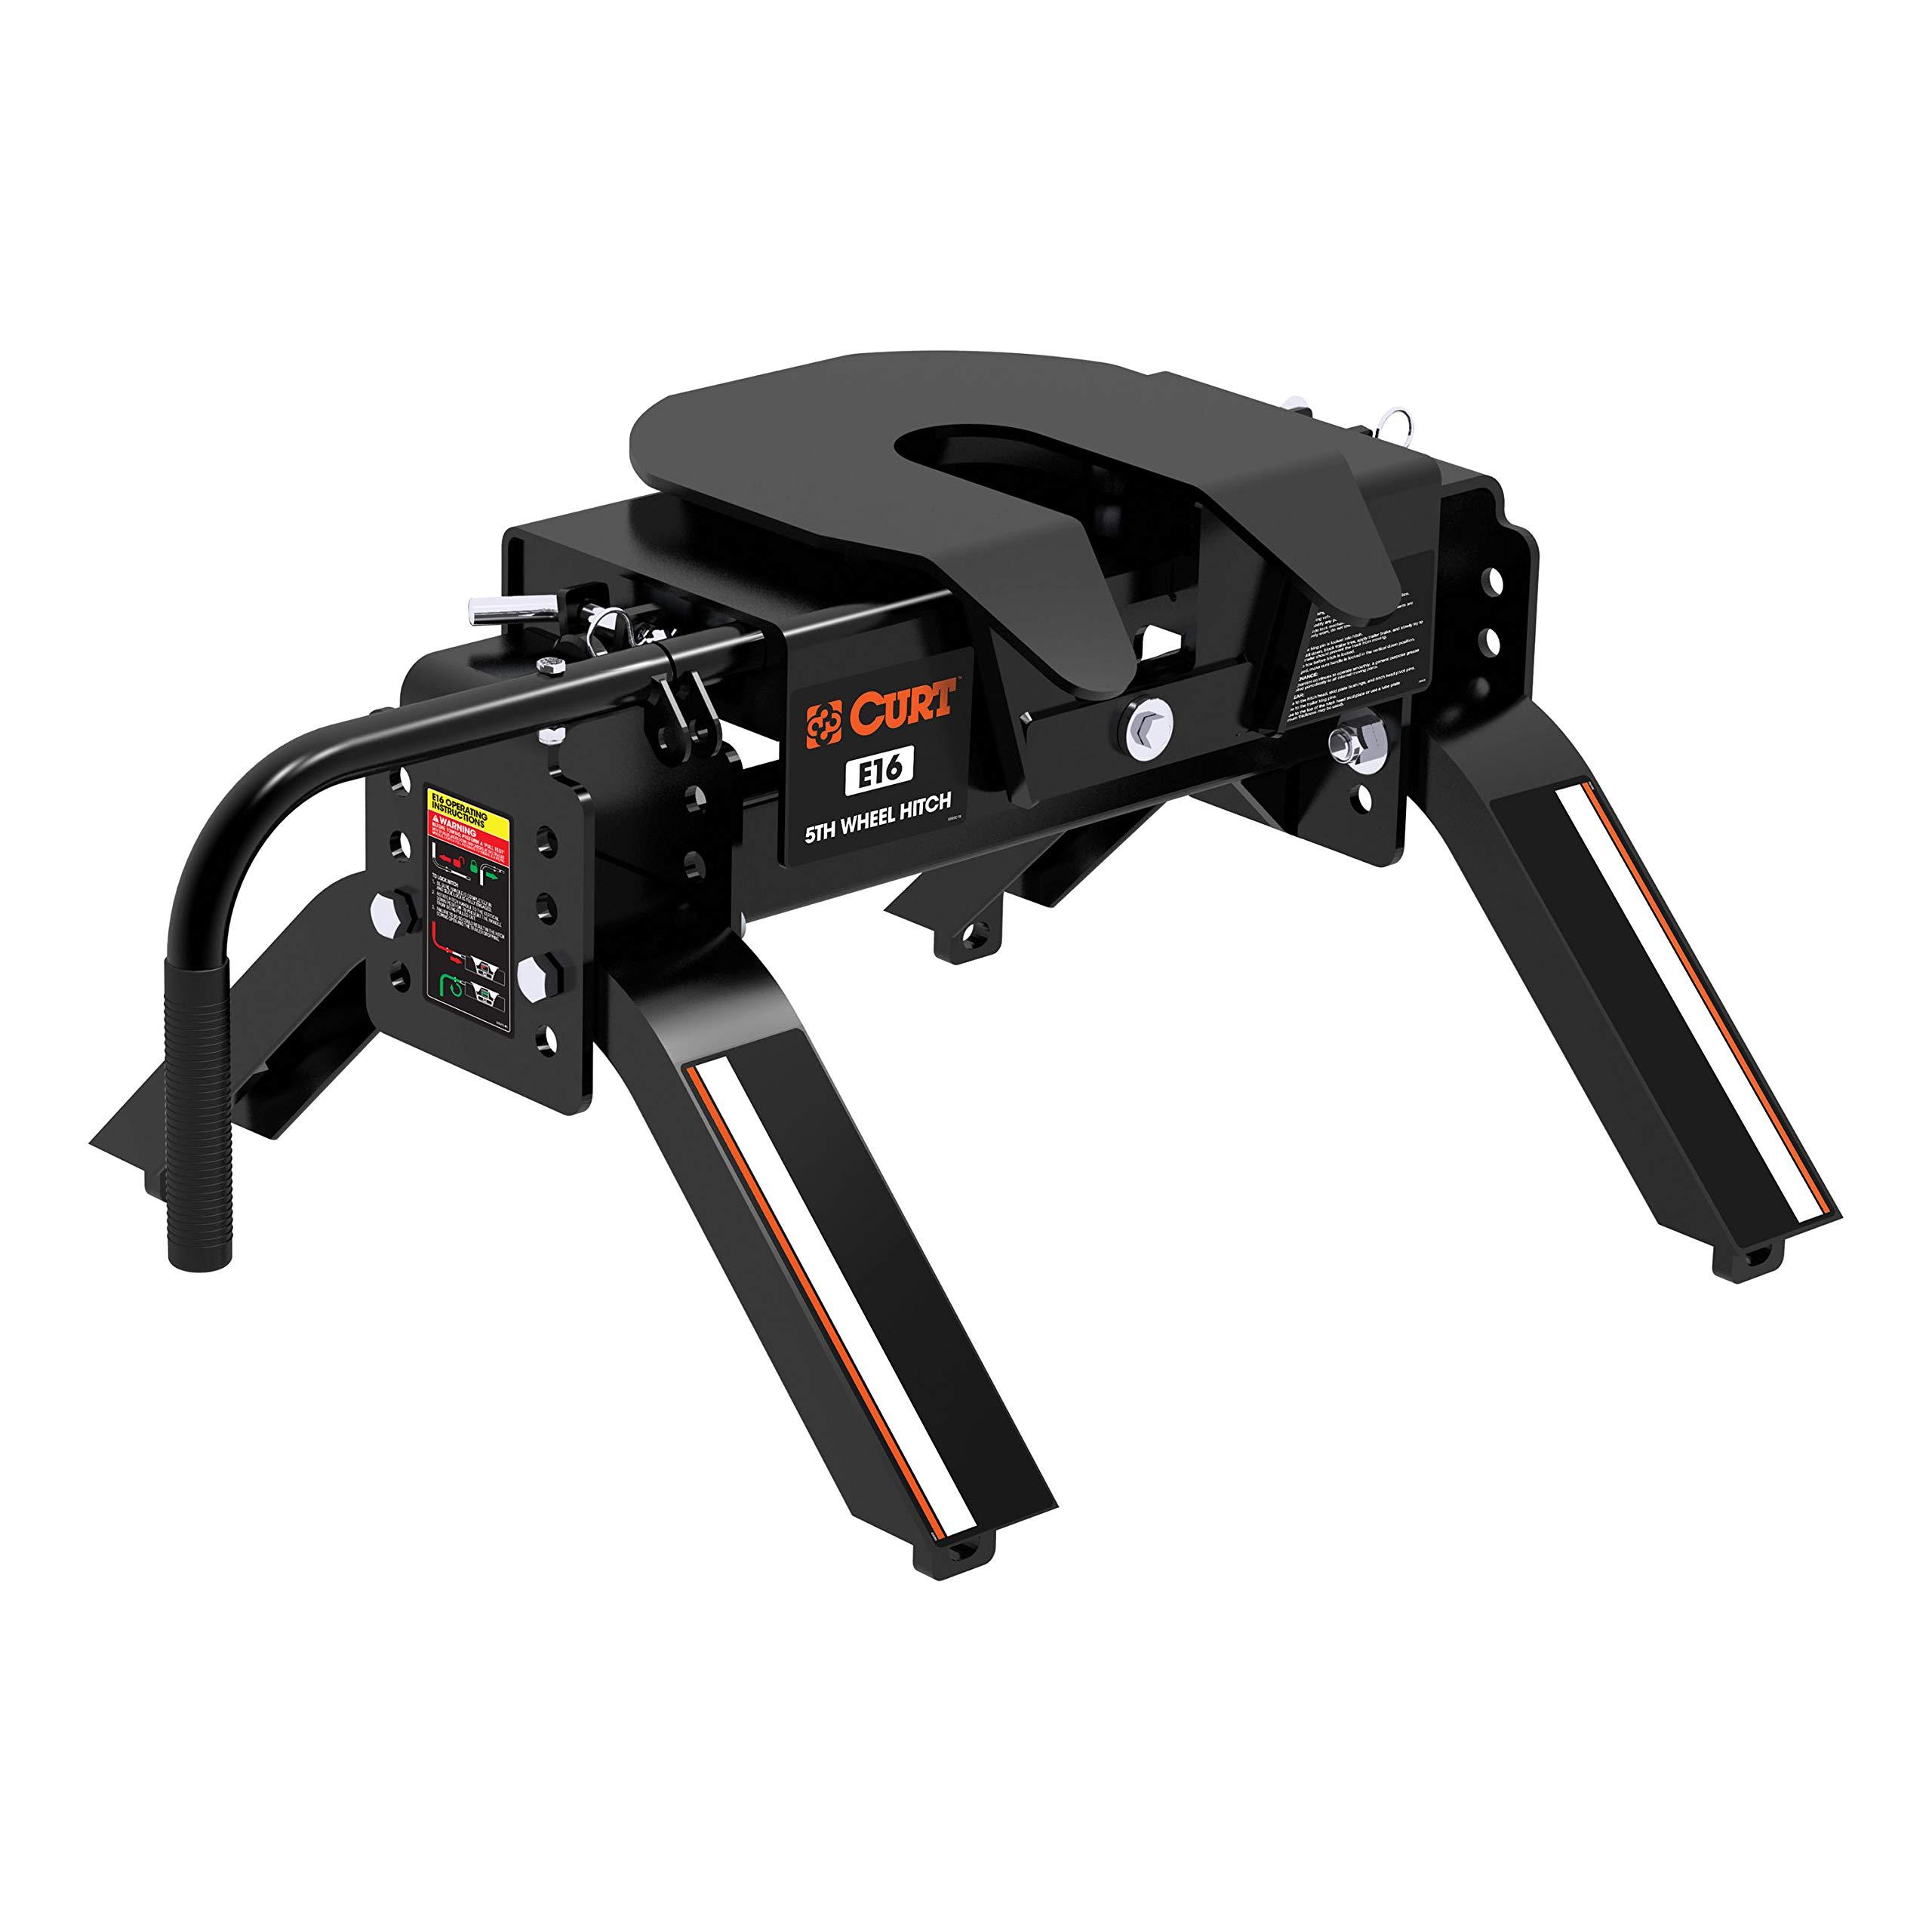 CURT 16115 Black E16 5th Wheel Hitch, 16,000 lbs.